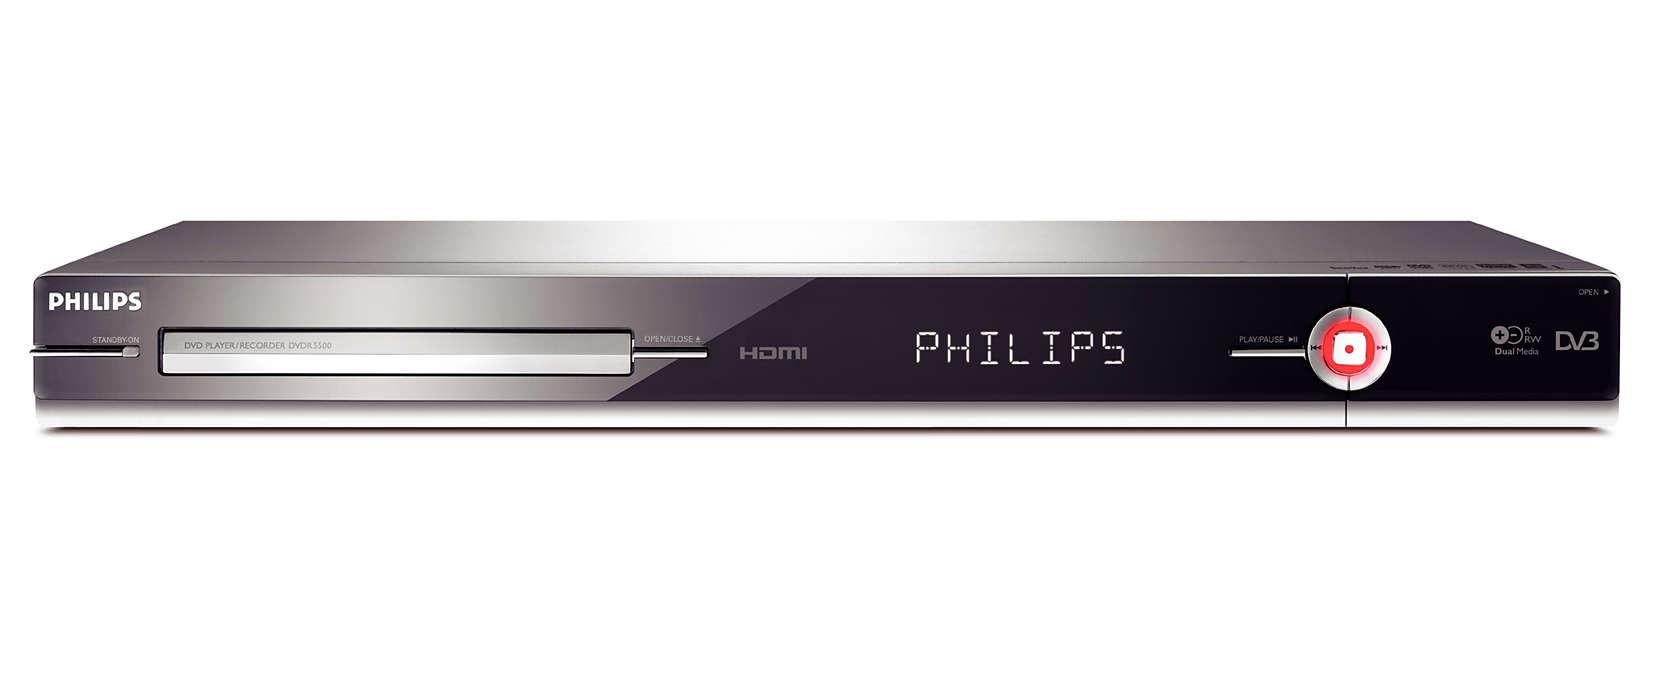 Ciesz się telewizją cyfrową w jakości HD 1080i